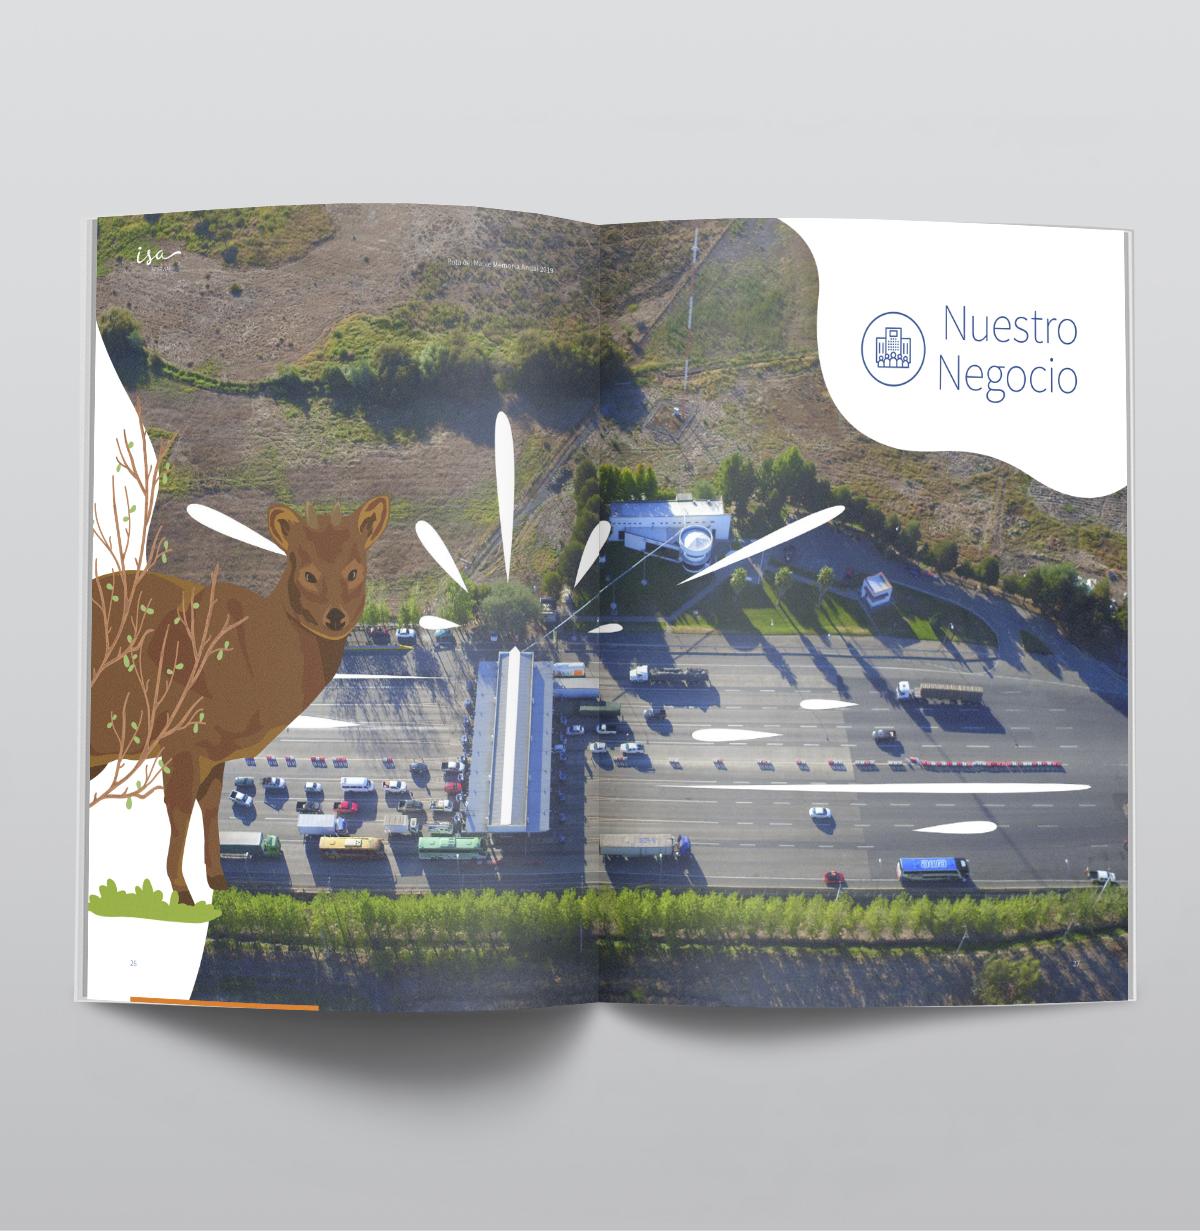 Plantilla-fotos-interior-ISA-maule2